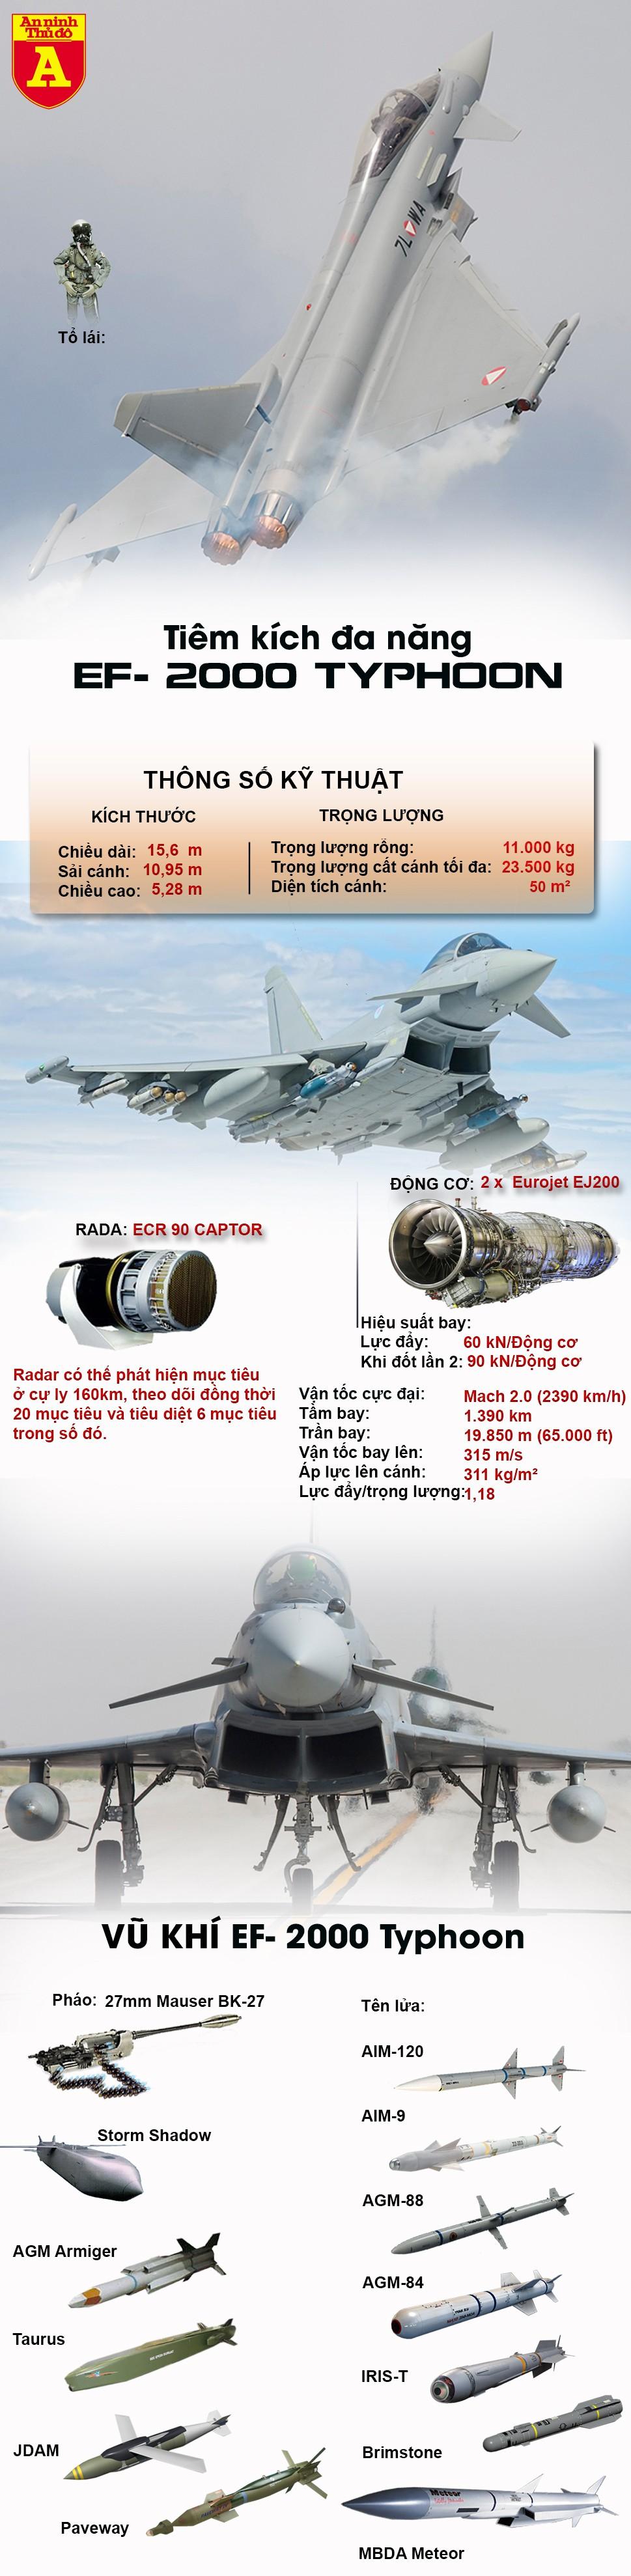 [Infographic] EF-2000, niềm tự hào của Châu Âu thất thế trước F-35 của Mỹ ảnh 4